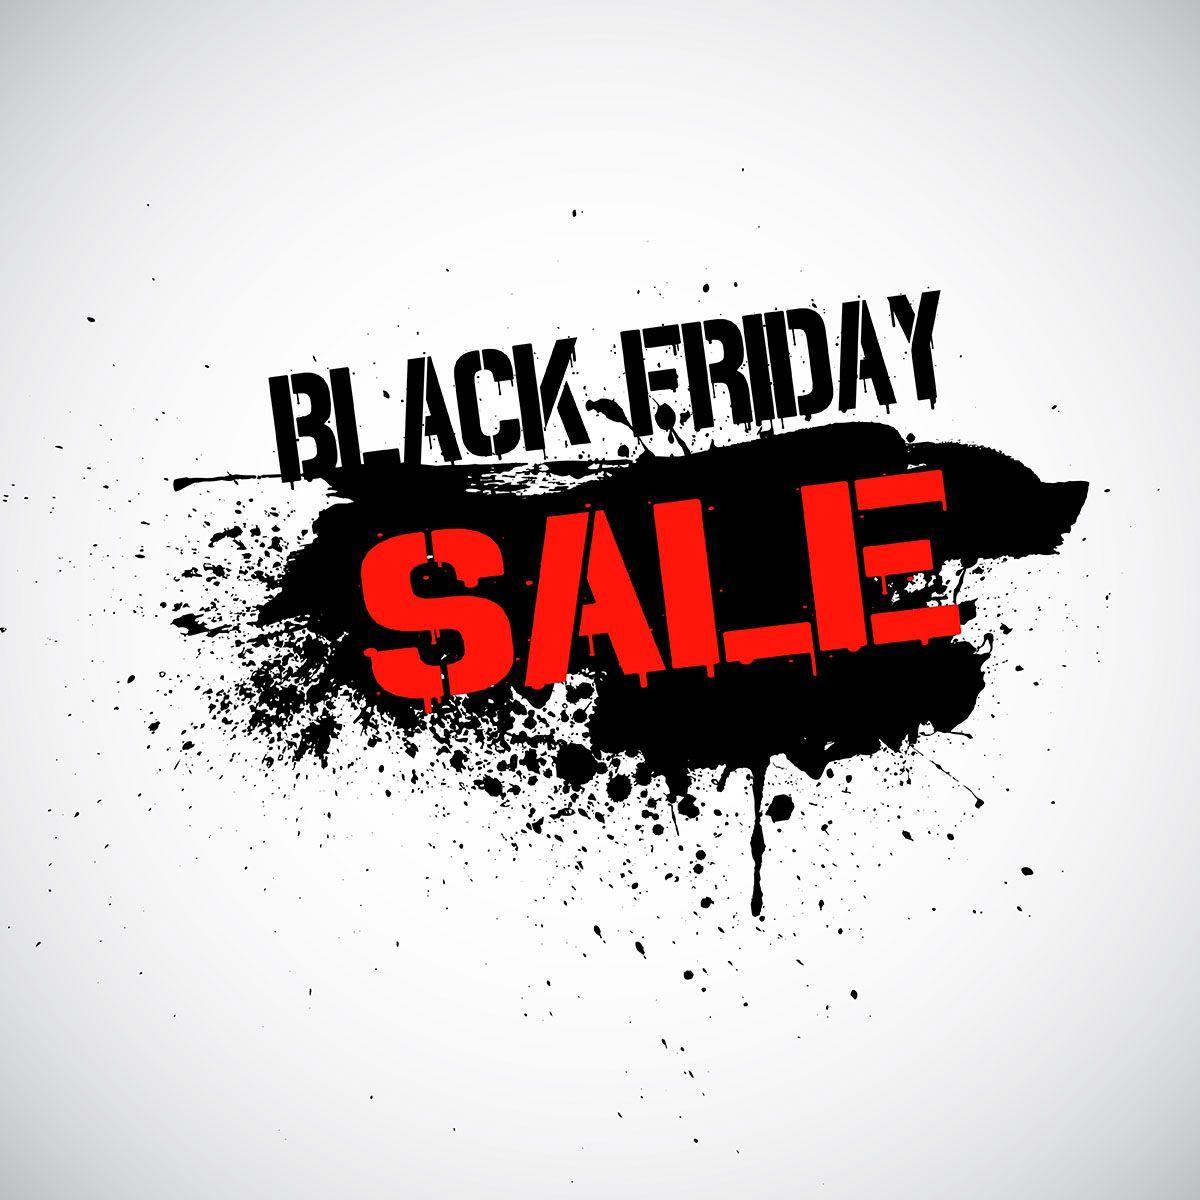 Black Friday Sale Die Angebote Auf Die Sie Gewartet Haben Angebote Auf Black Blackfriday Blackfrid Black Friday Black Friday Banner Black Friday Sale